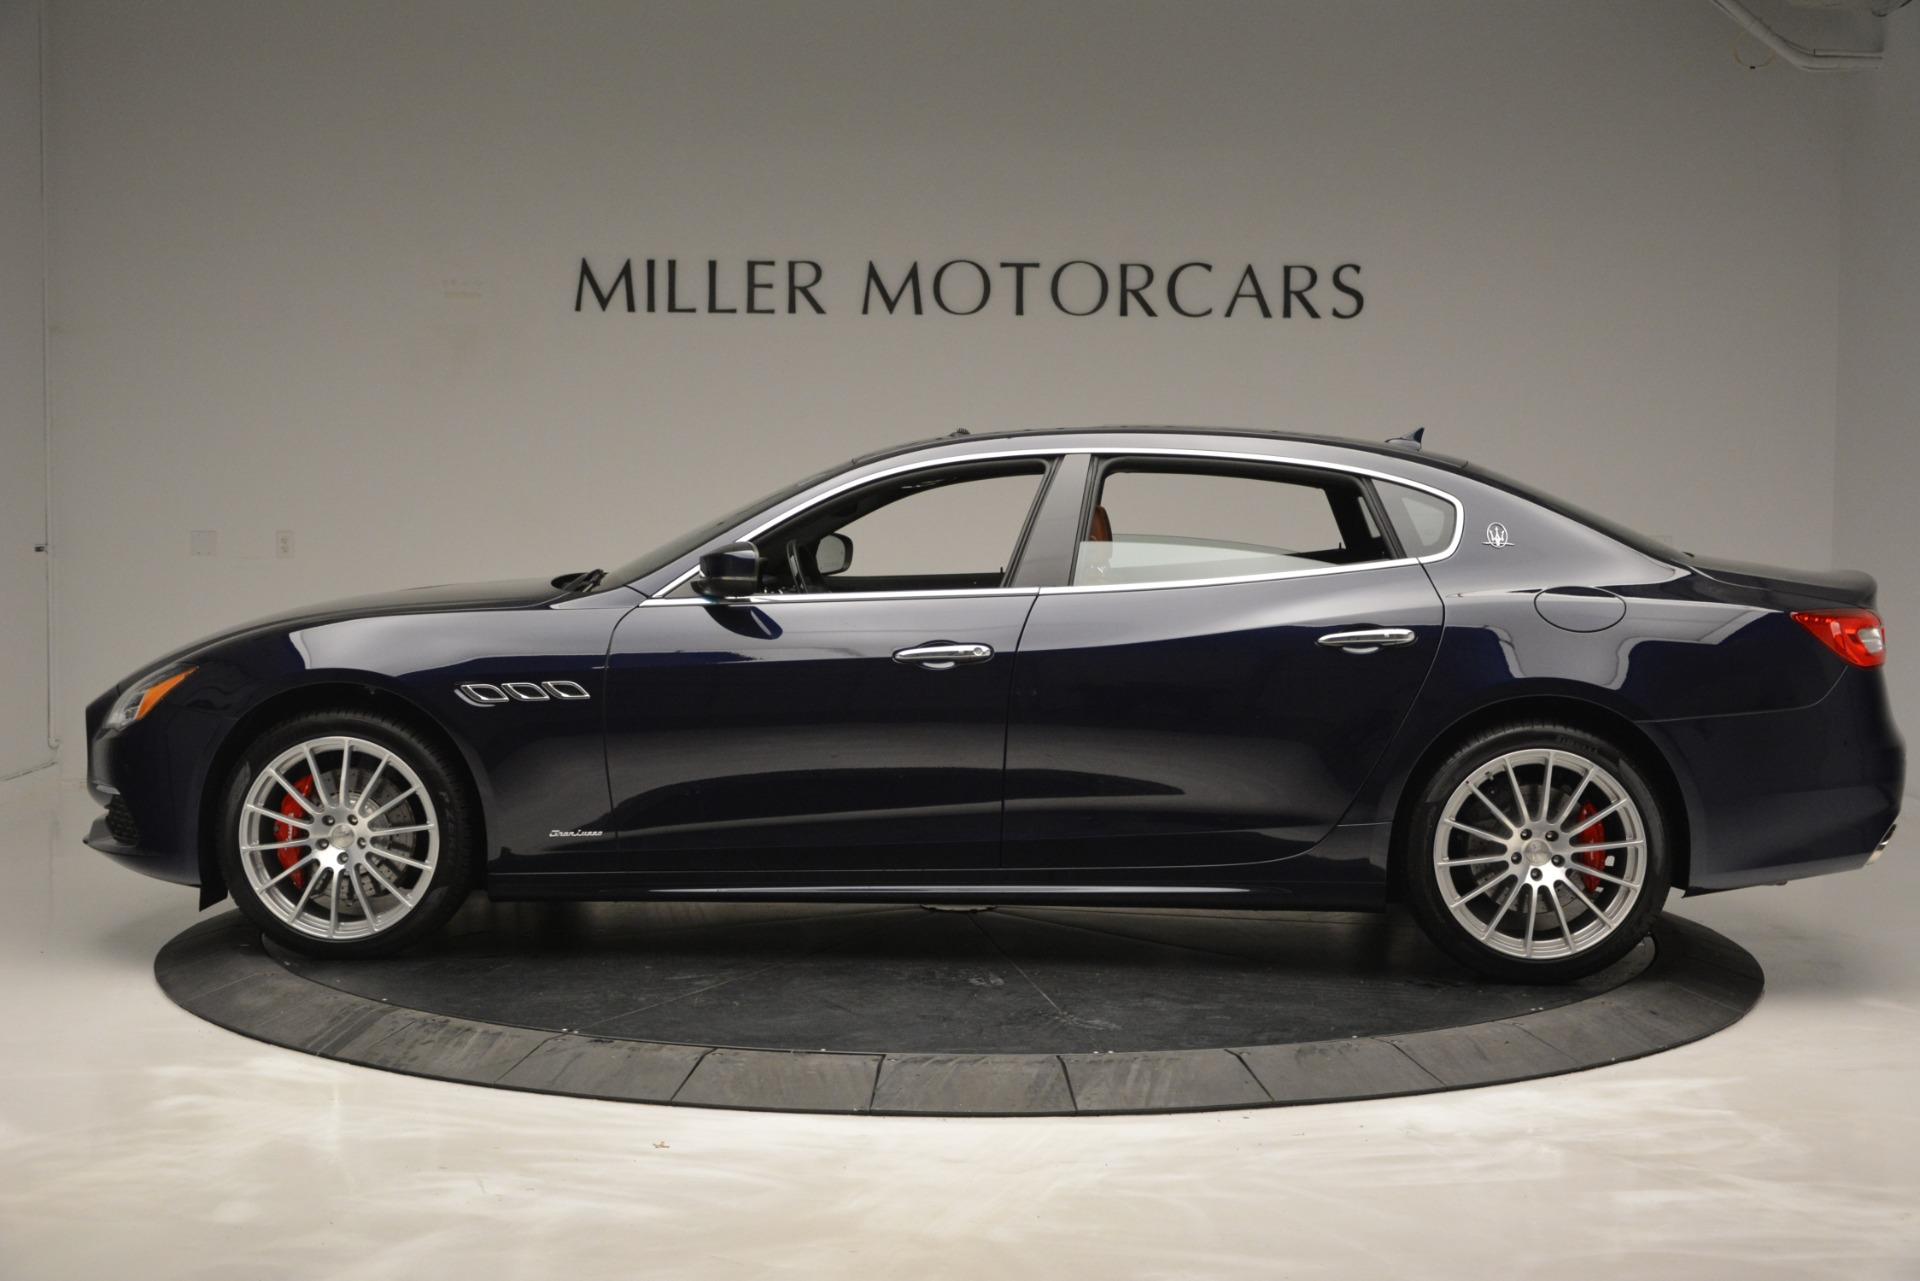 New 2019 Maserati Quattroporte S Q4 GranLusso For Sale 126755 In Greenwich, CT